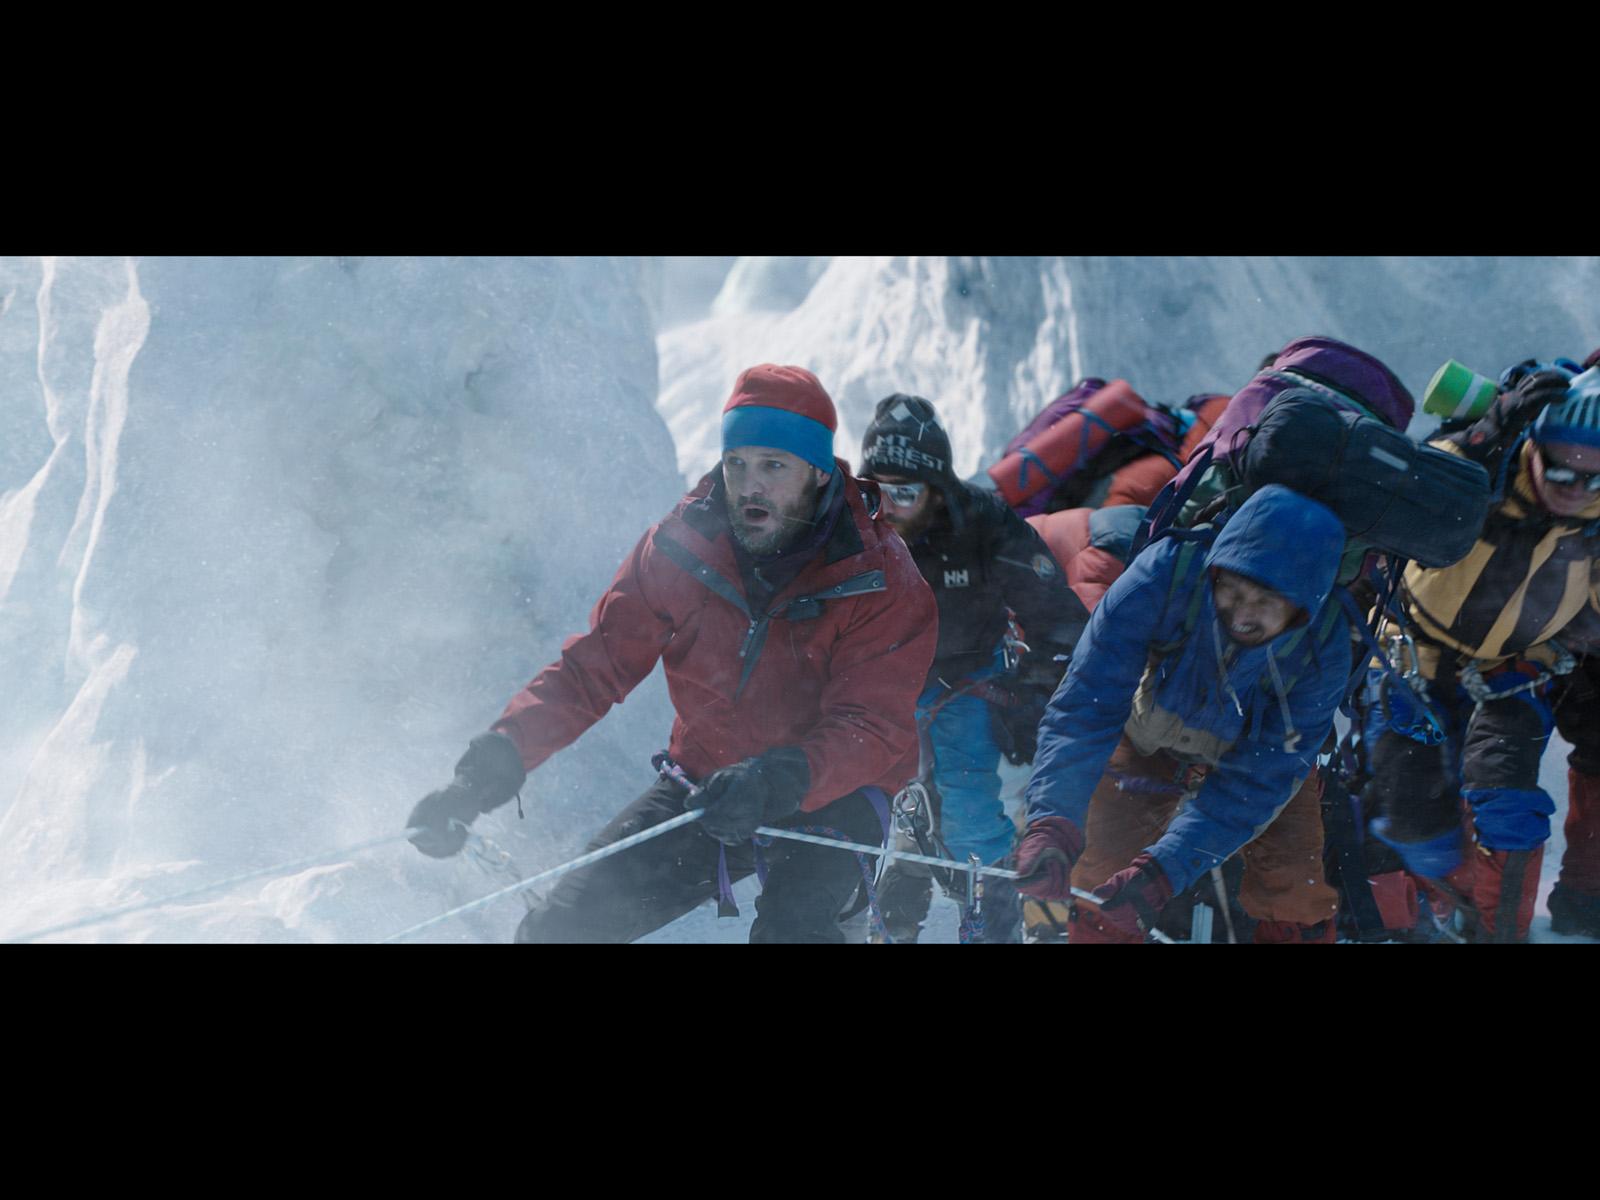 Photo du film Everest - Photo 6 sur 9 - AlloCiné